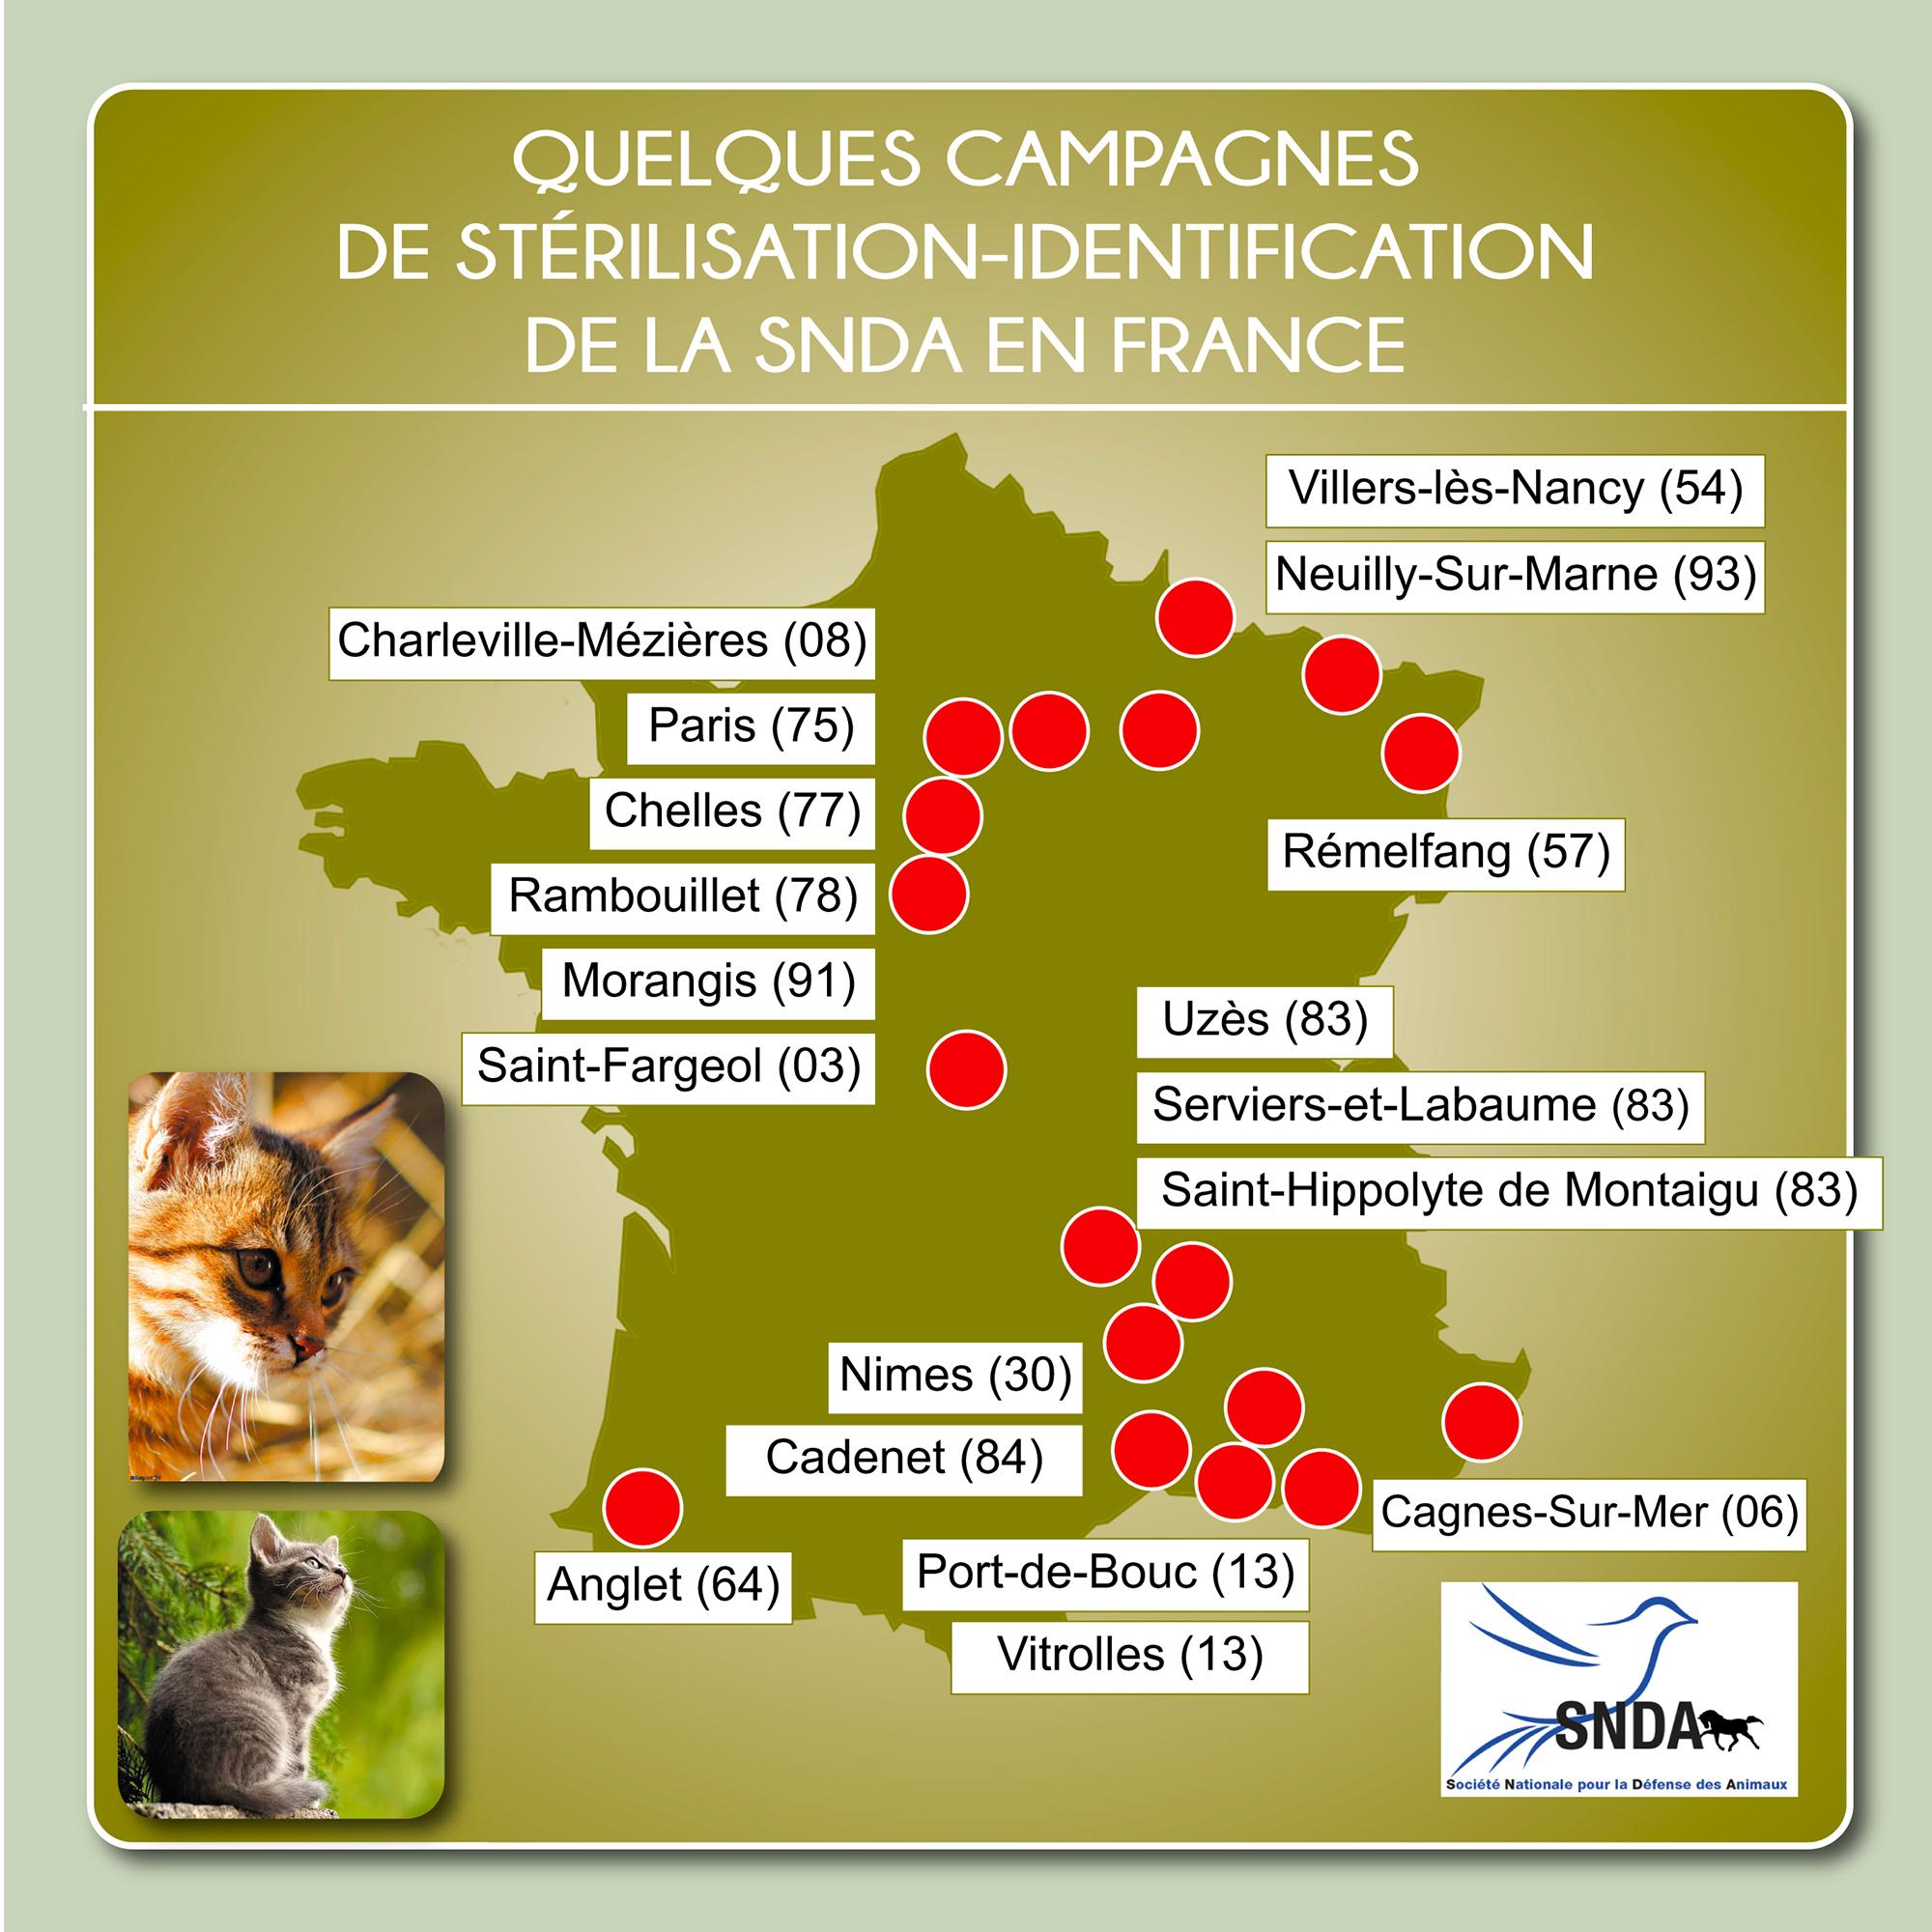 Les campagnes de stérilisations effectuées en France en 2019